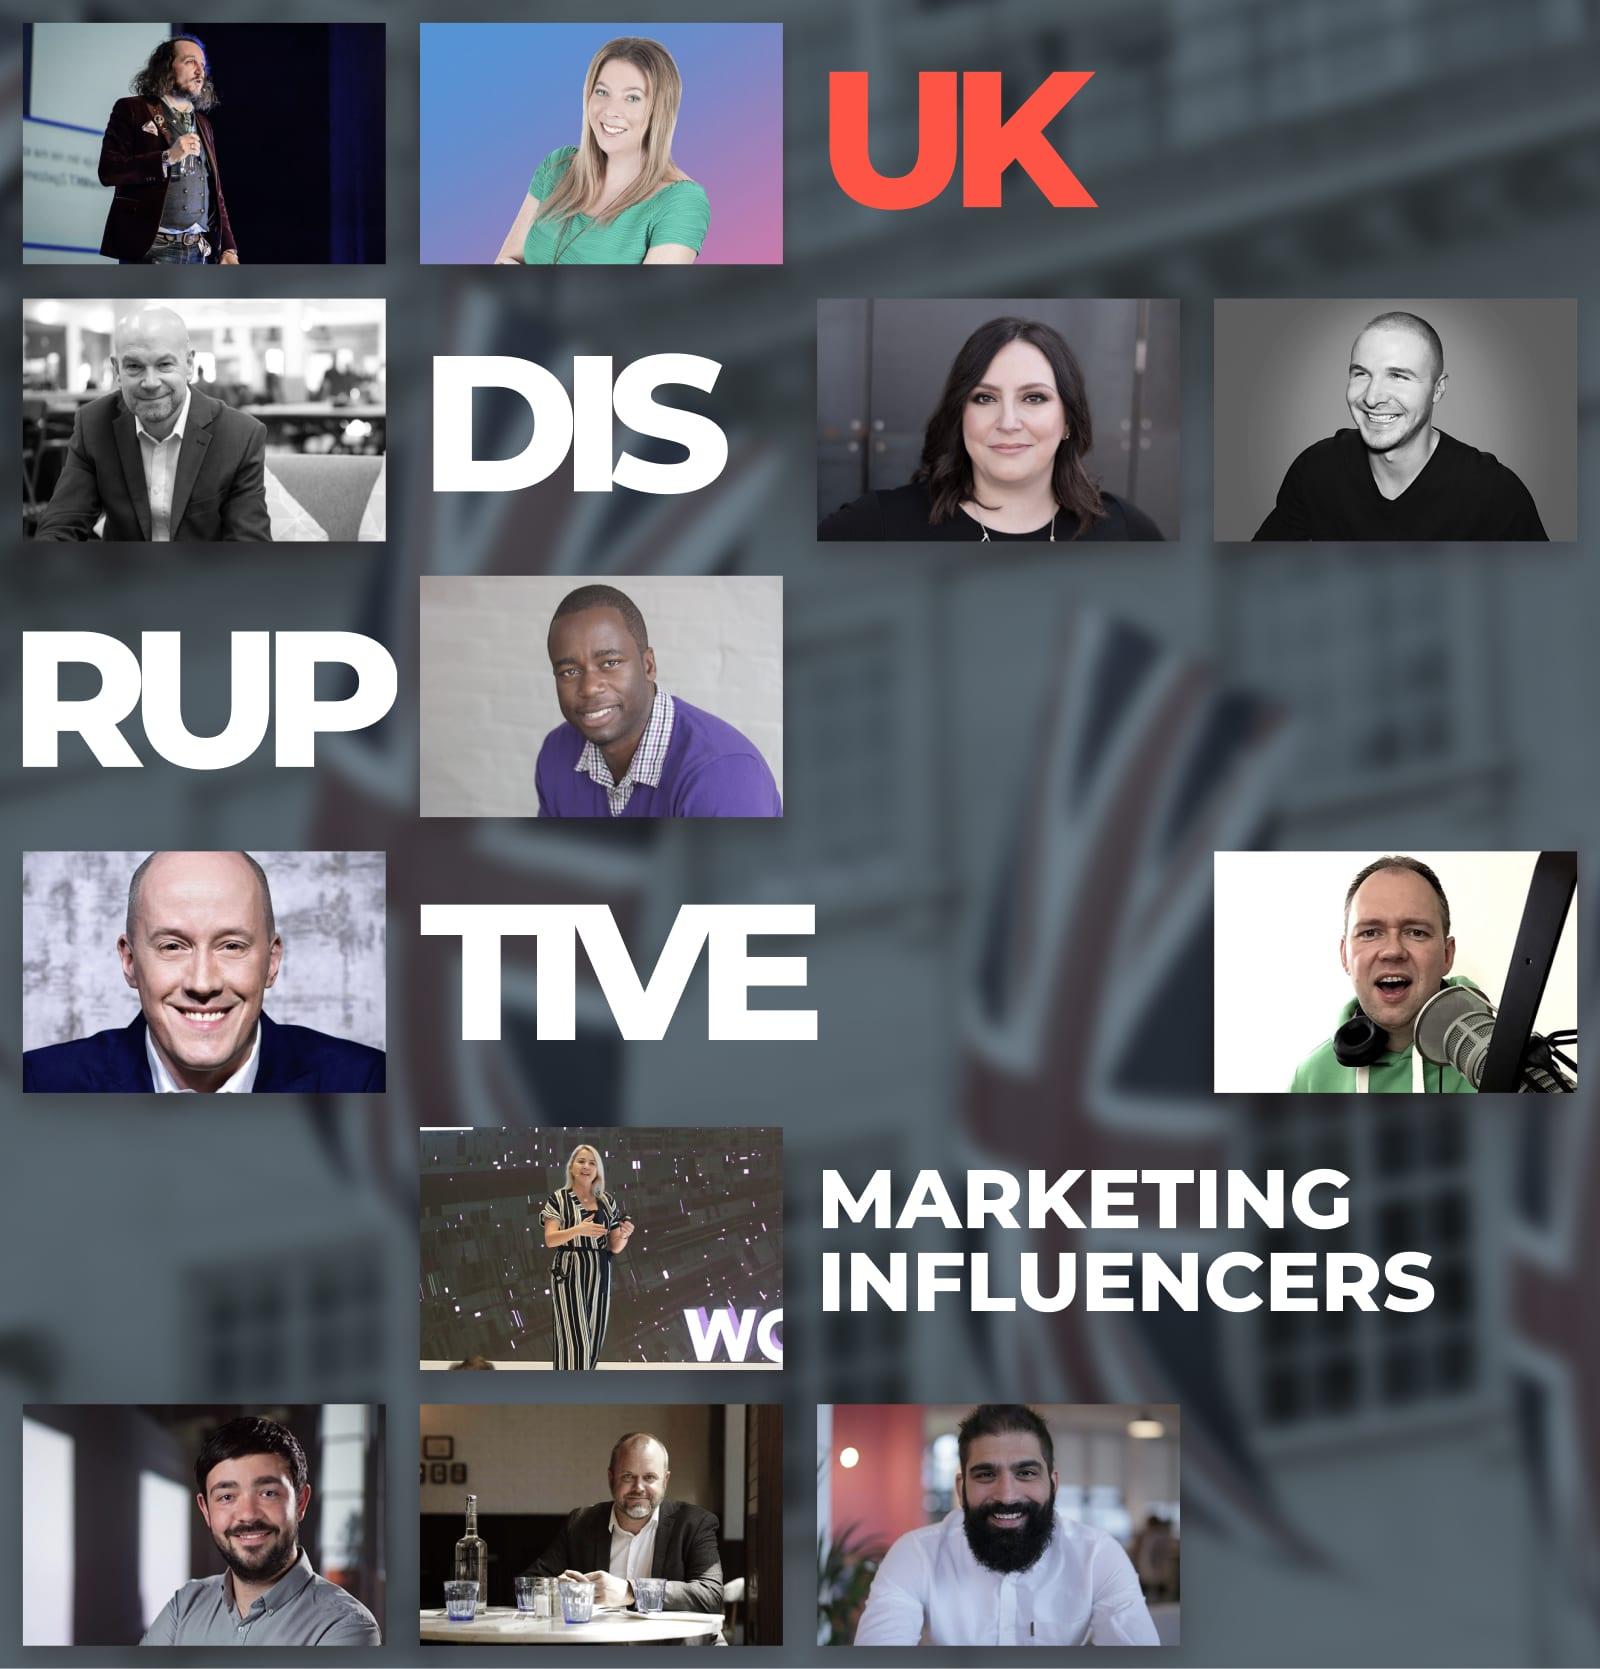 disruptive influencers illustration